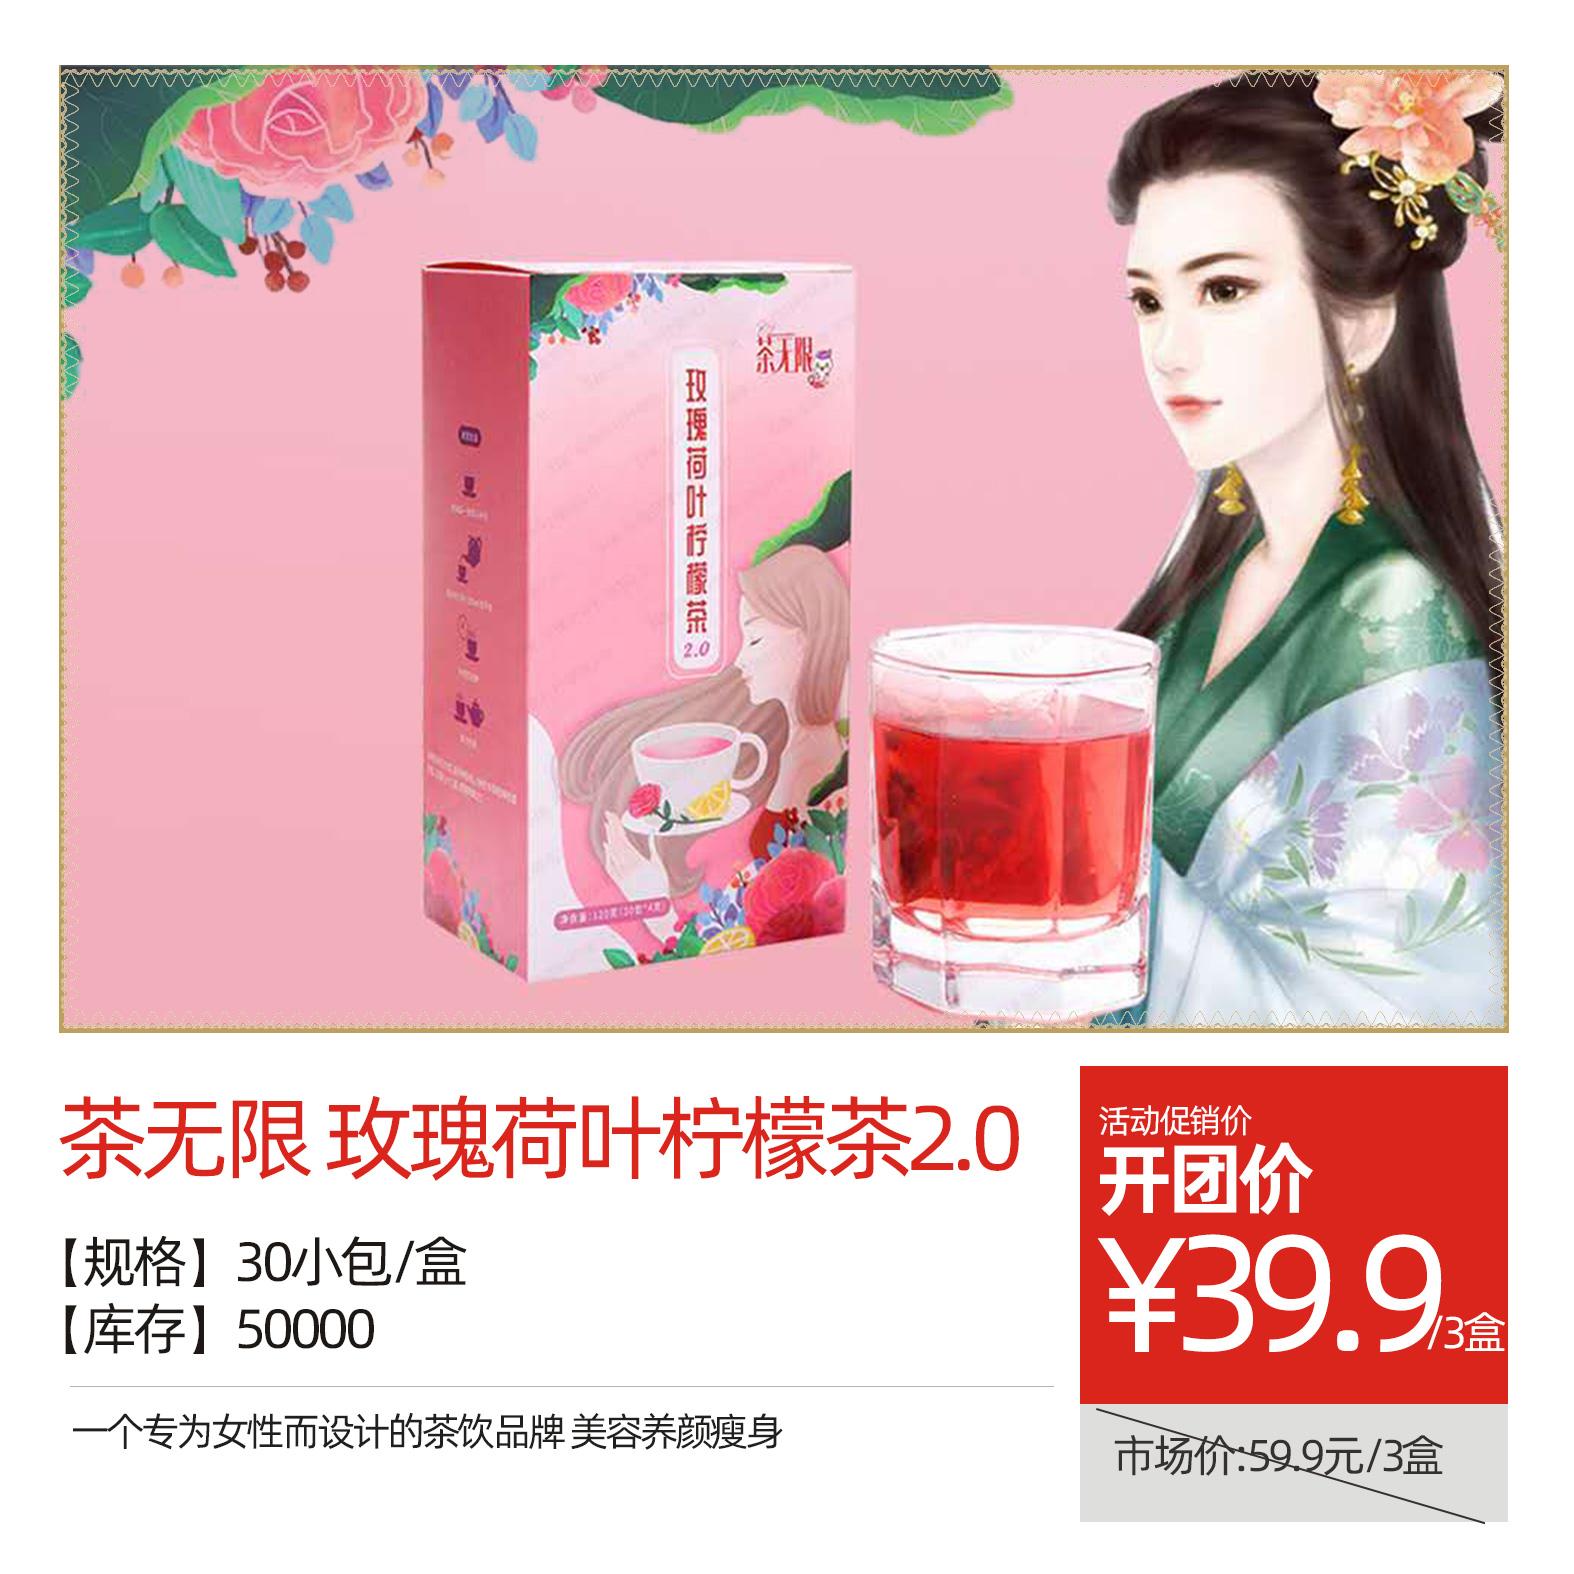 茶无限 - 玫瑰荷叶柠檬茶2.0